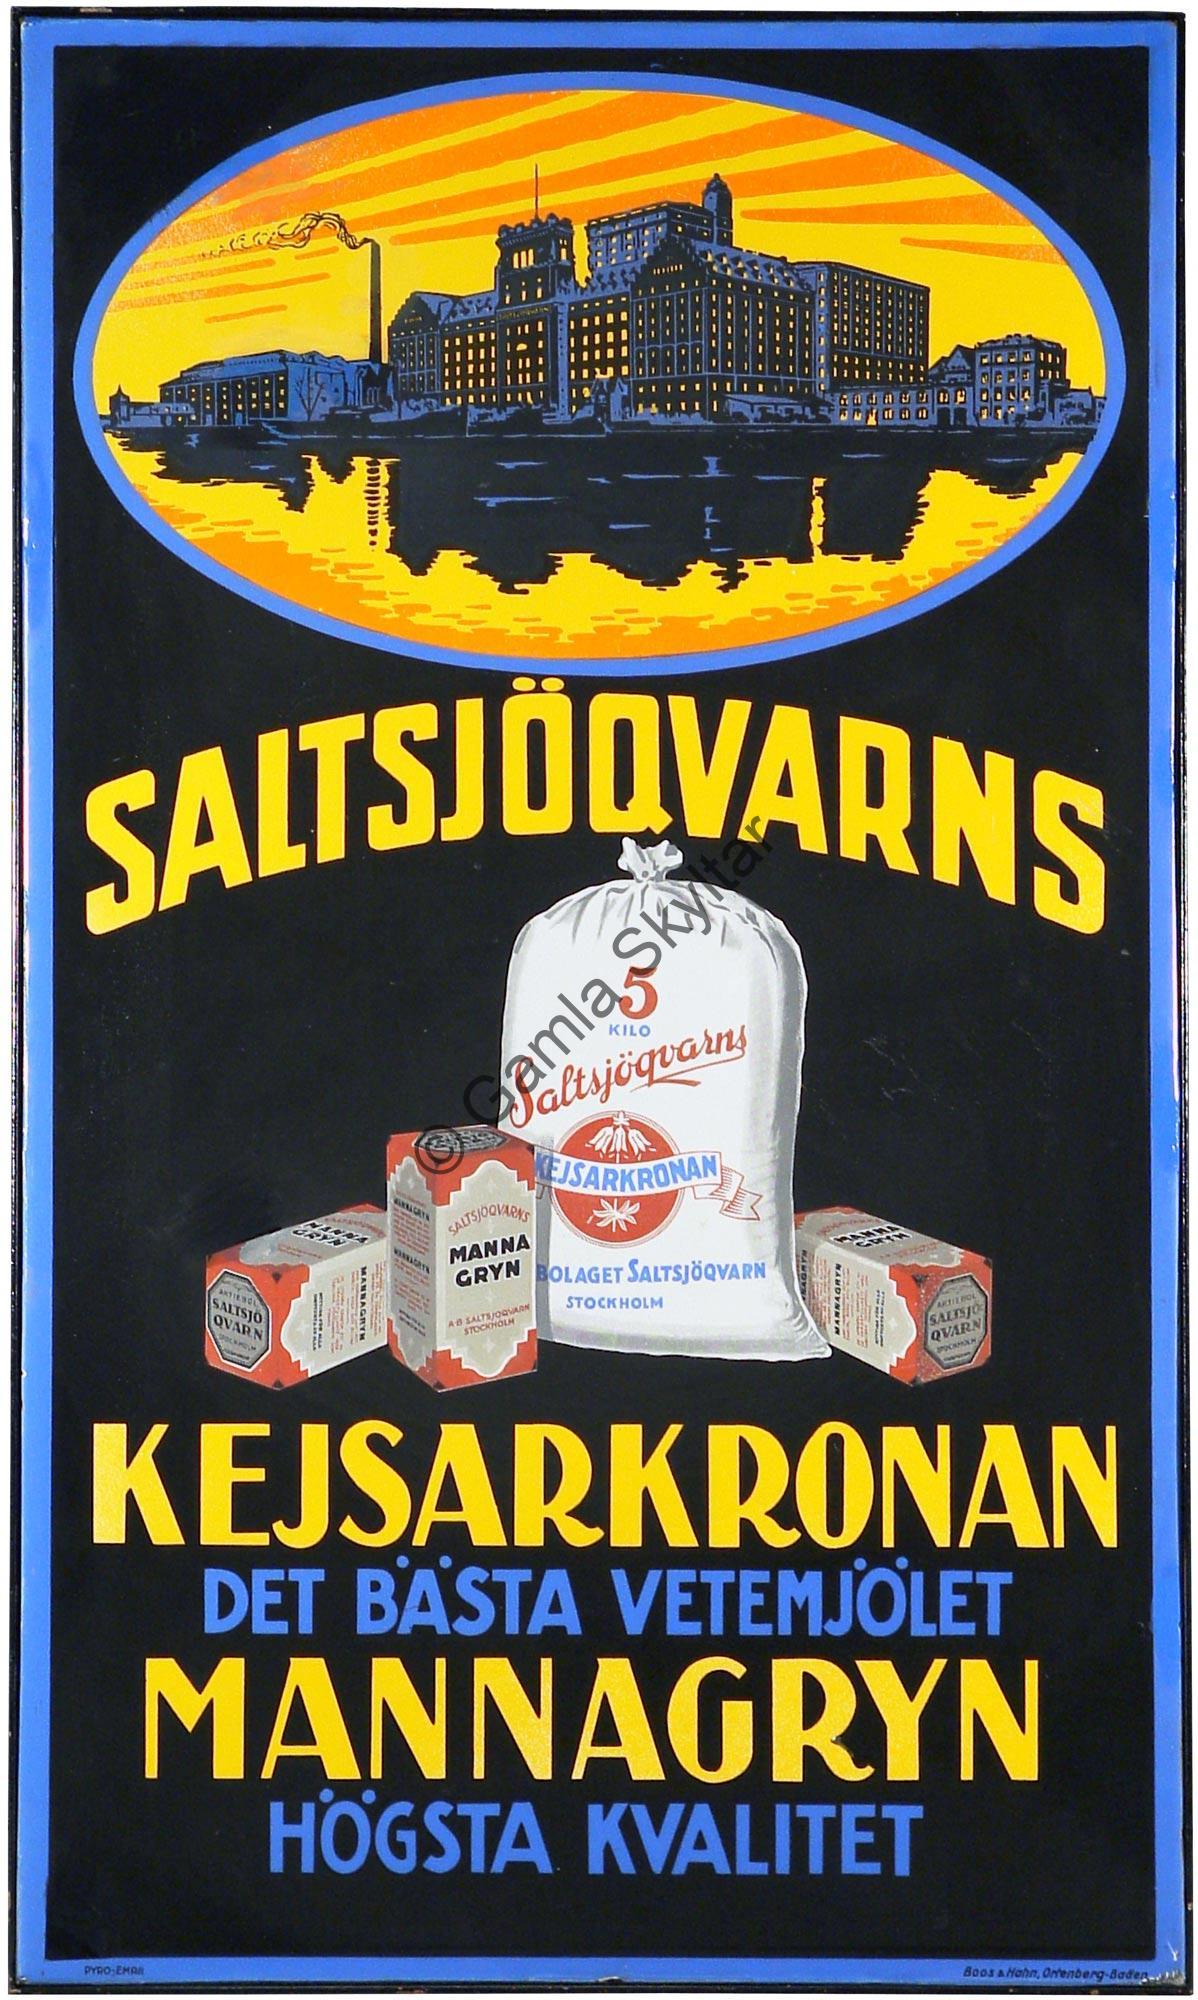 Saltsjöqvarns Kejsarkronan - Gamla Skyltar b31ada157401b